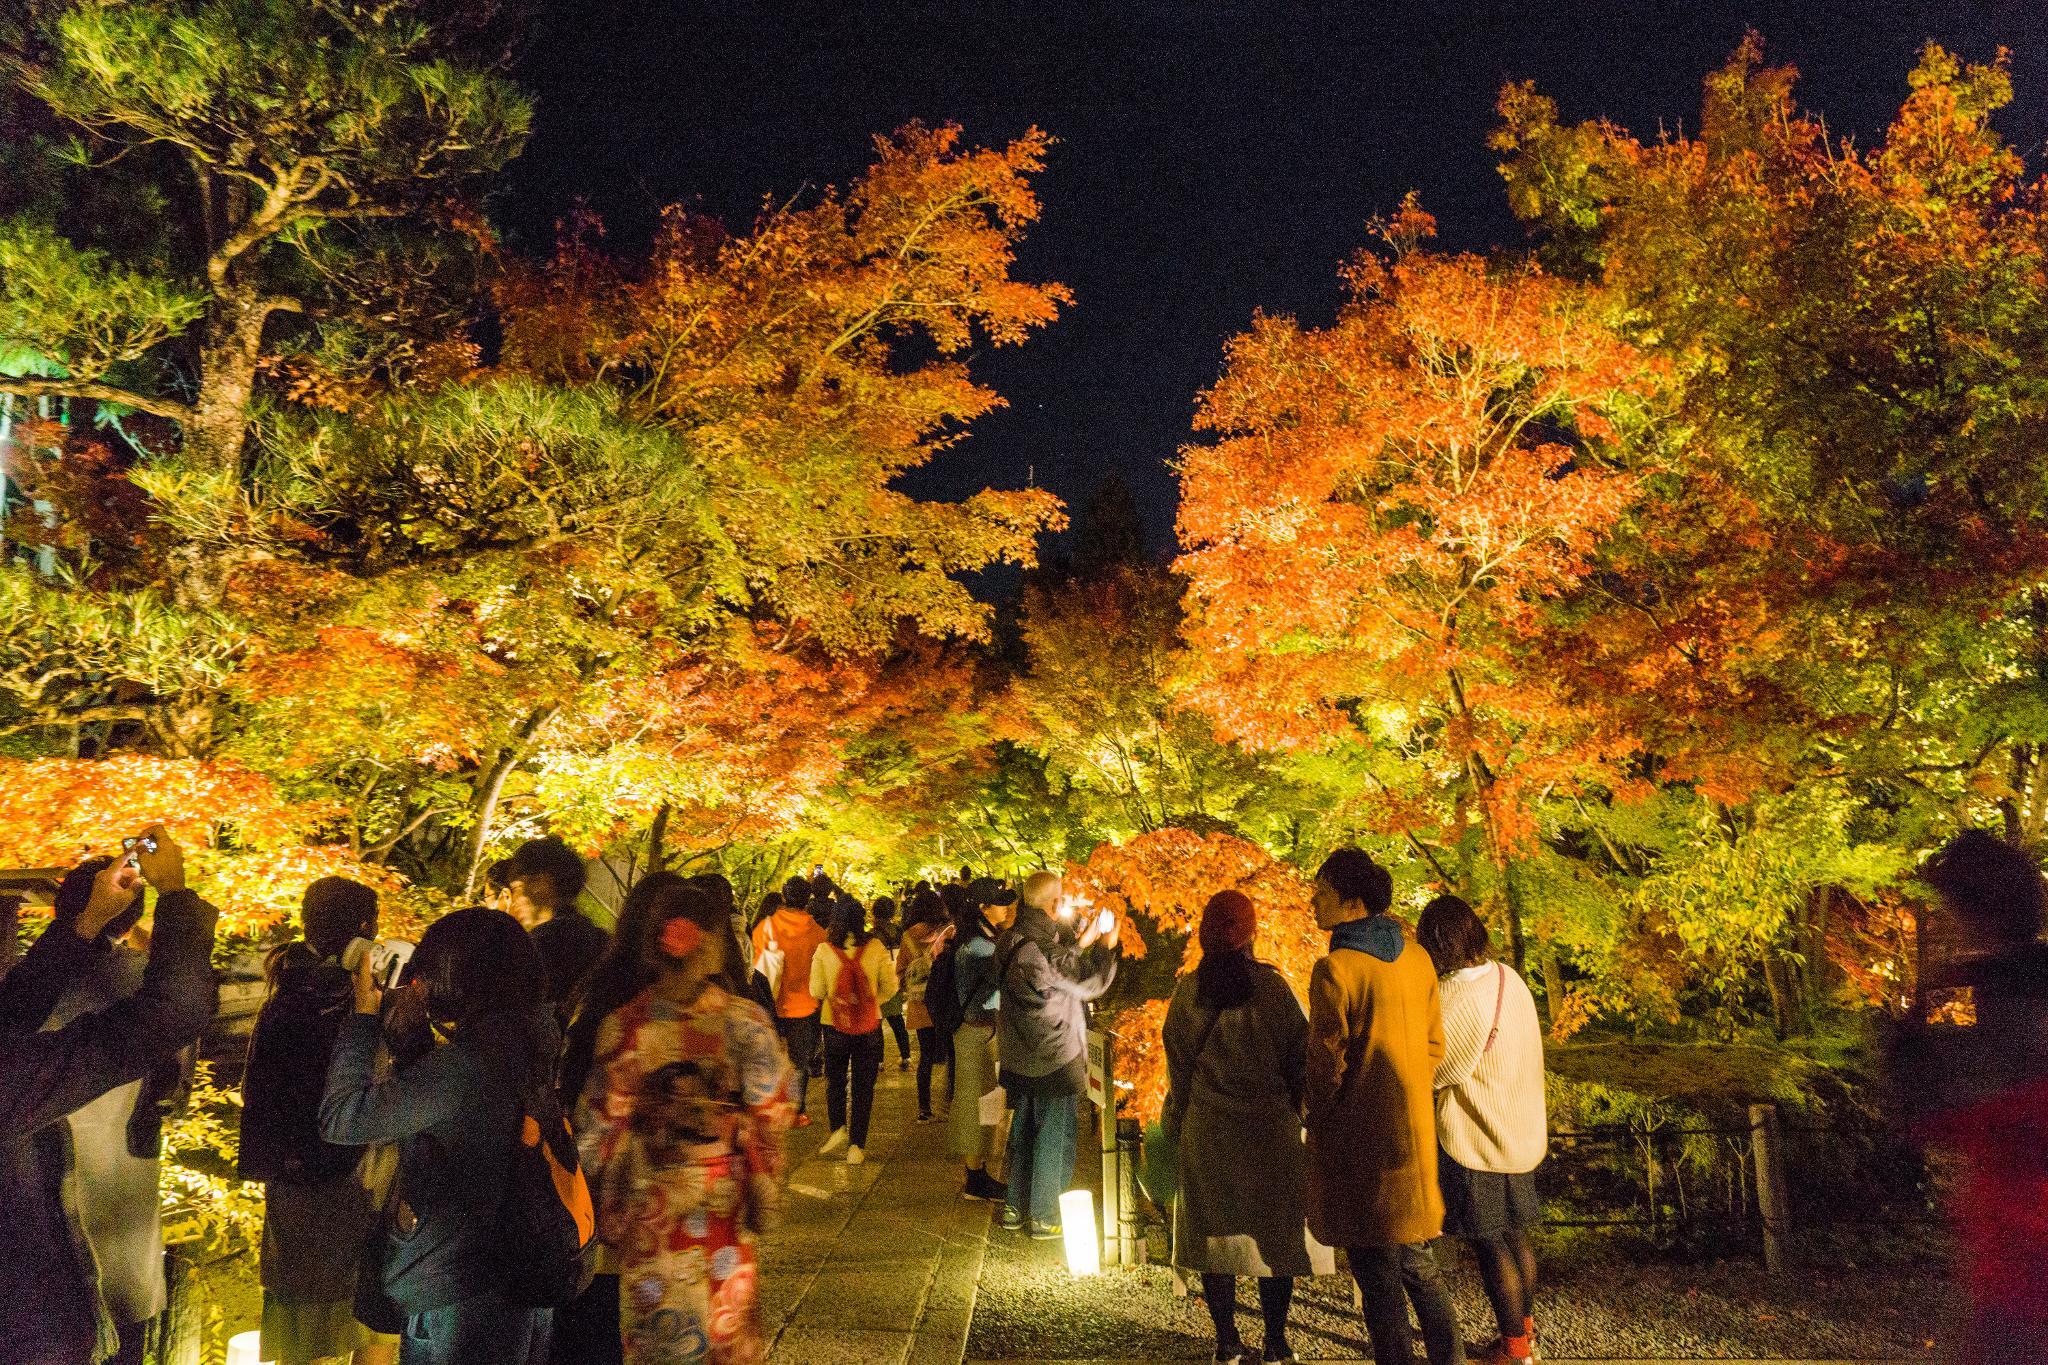 【京都】此生必來的紅葉狩絕景 - 永觀堂夜楓 129